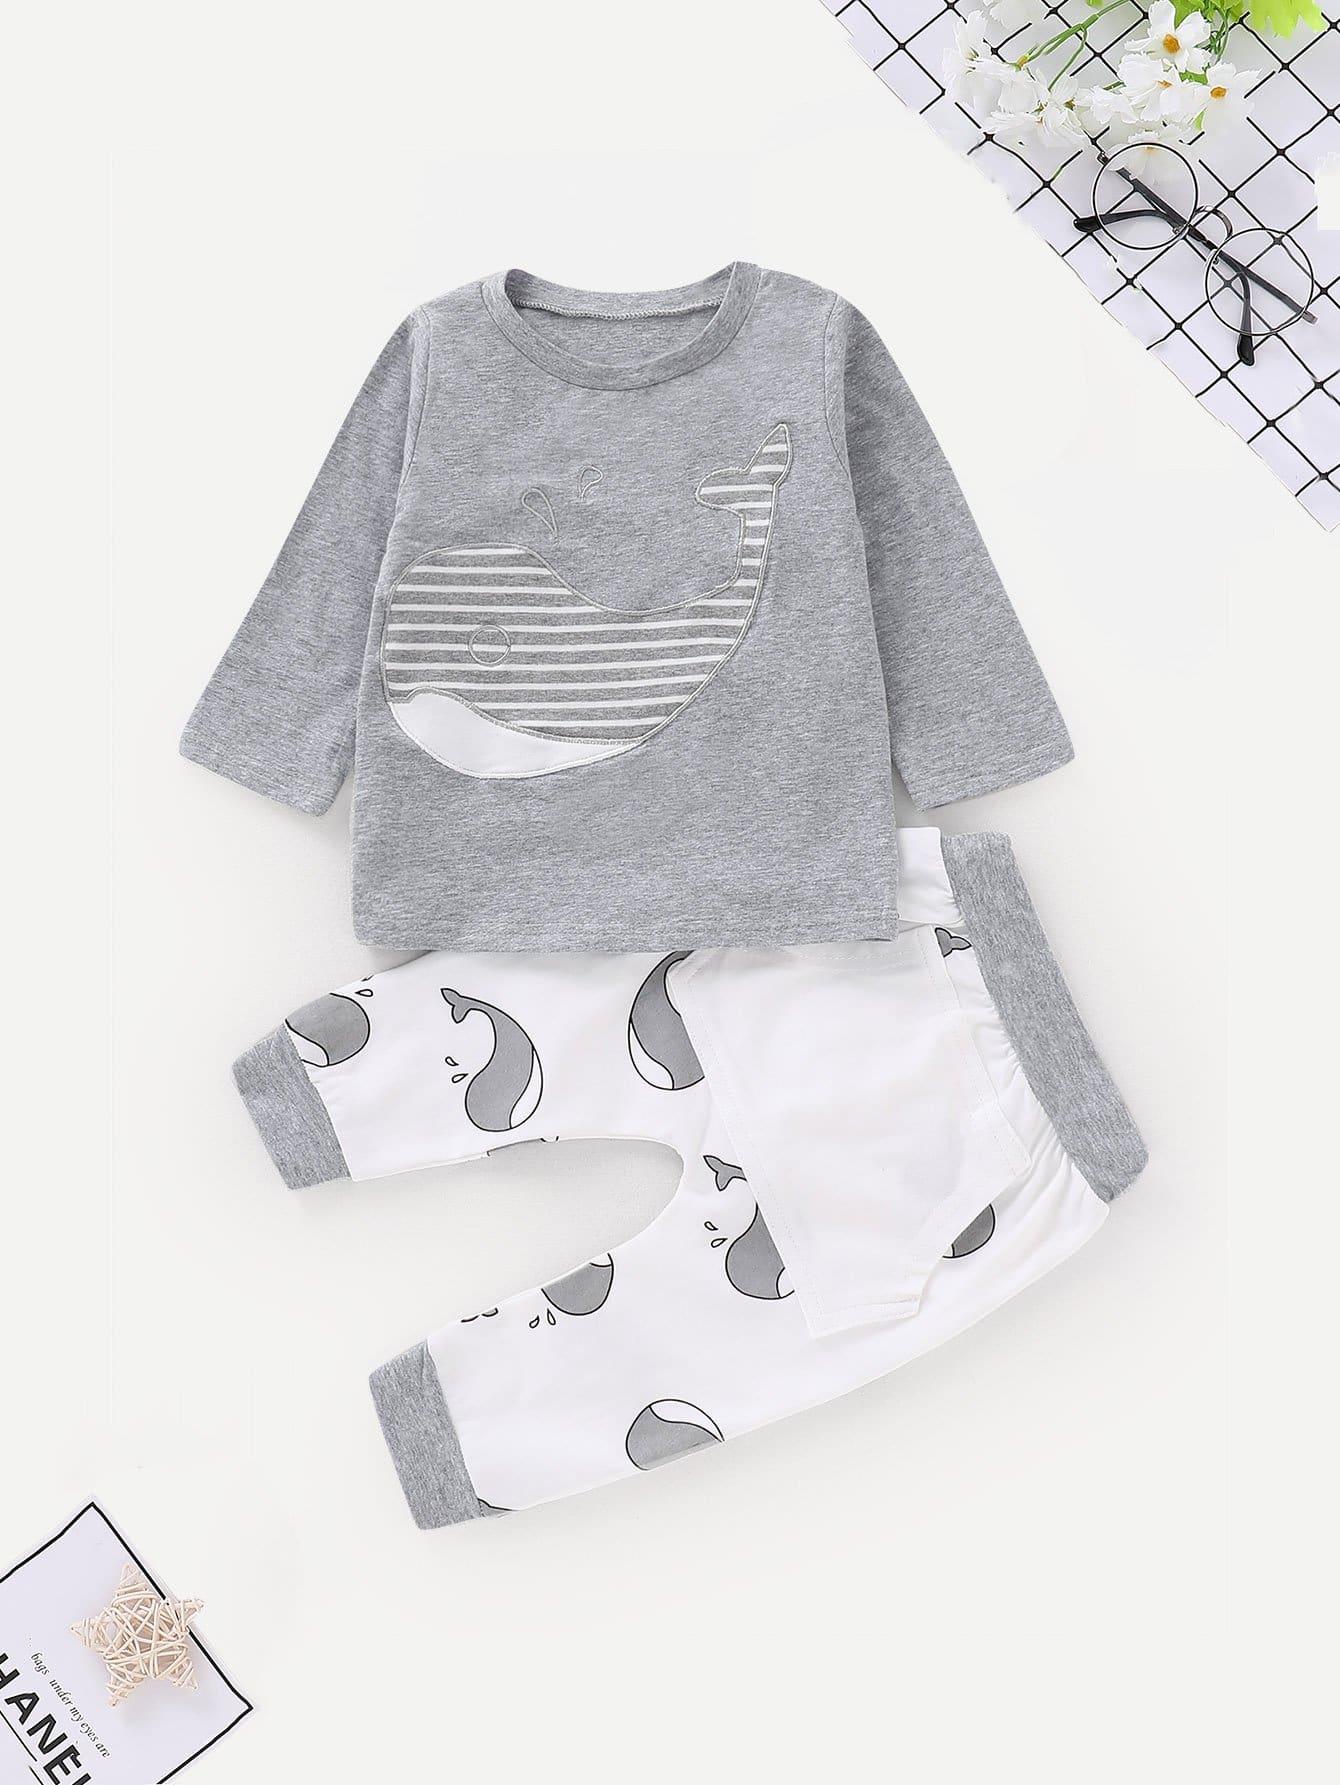 Купить Блуза с принтом мультяшным и брюки для маленьких малышей, null, SheIn